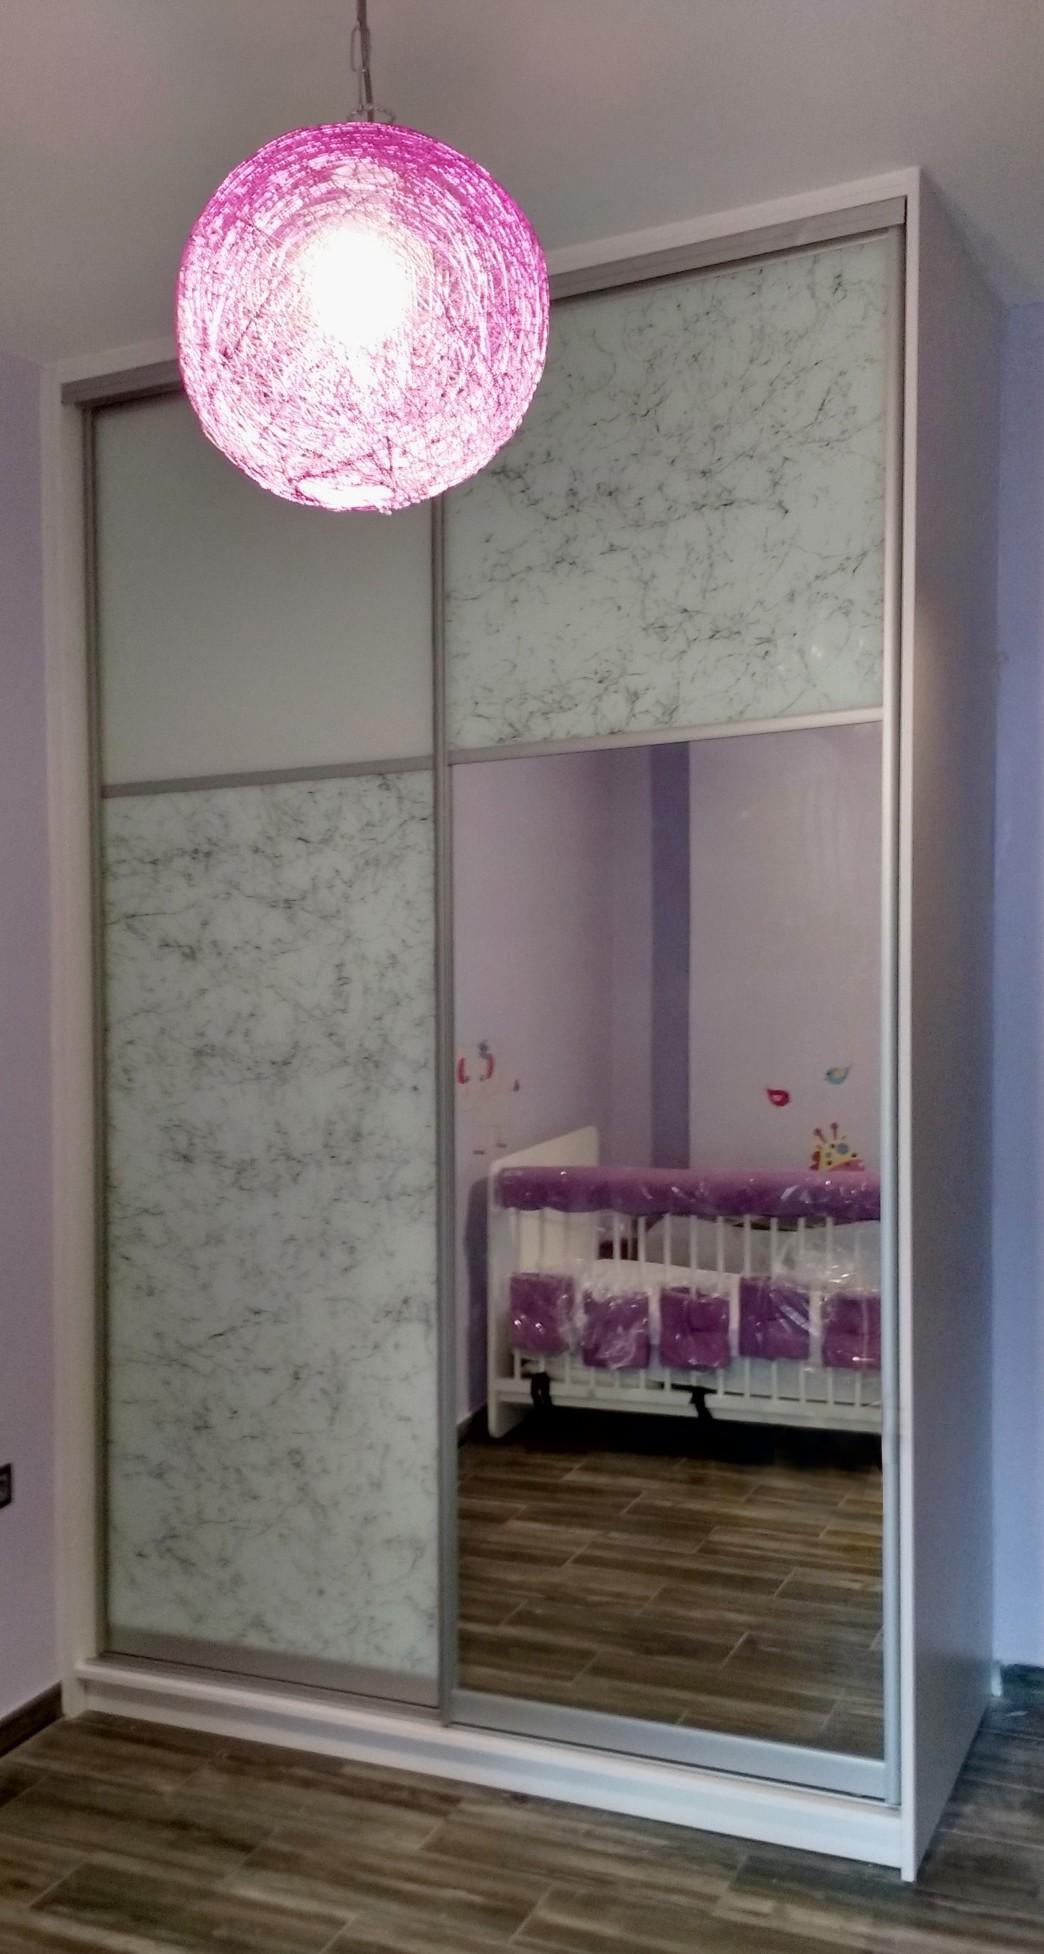 δίφυλλα συρόμενη ντουλάπα με καθρέπτη όψη μαρμάρου